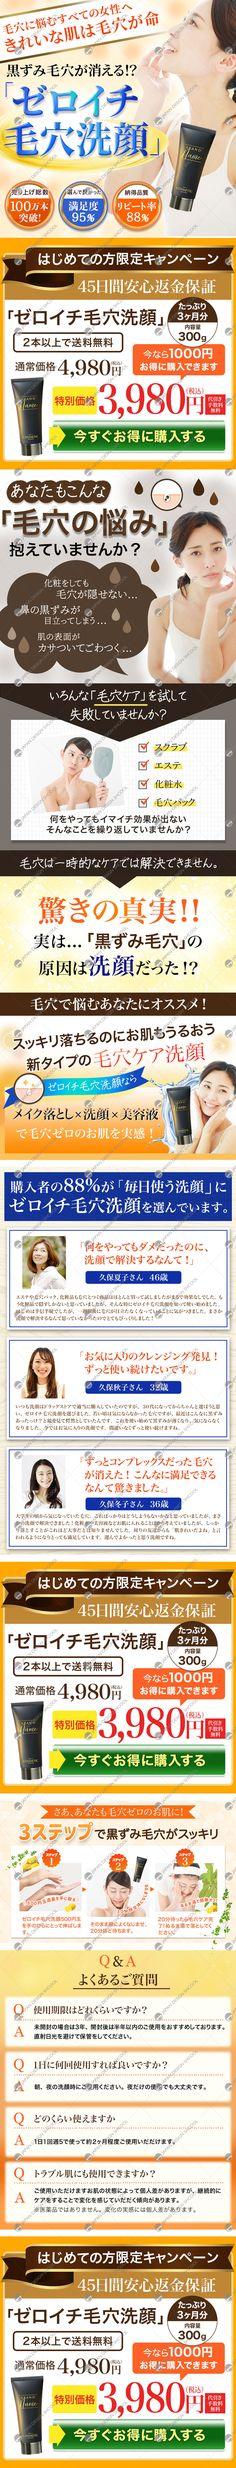 日本デザインスクール中級編8期作品 WEBライター募集LPを制作しました! #ランディングページ #LP #ライター募集 #ランディングページデザイン #WEBデザイン#日本デザインスクール School Design, Enterprise Application Integration